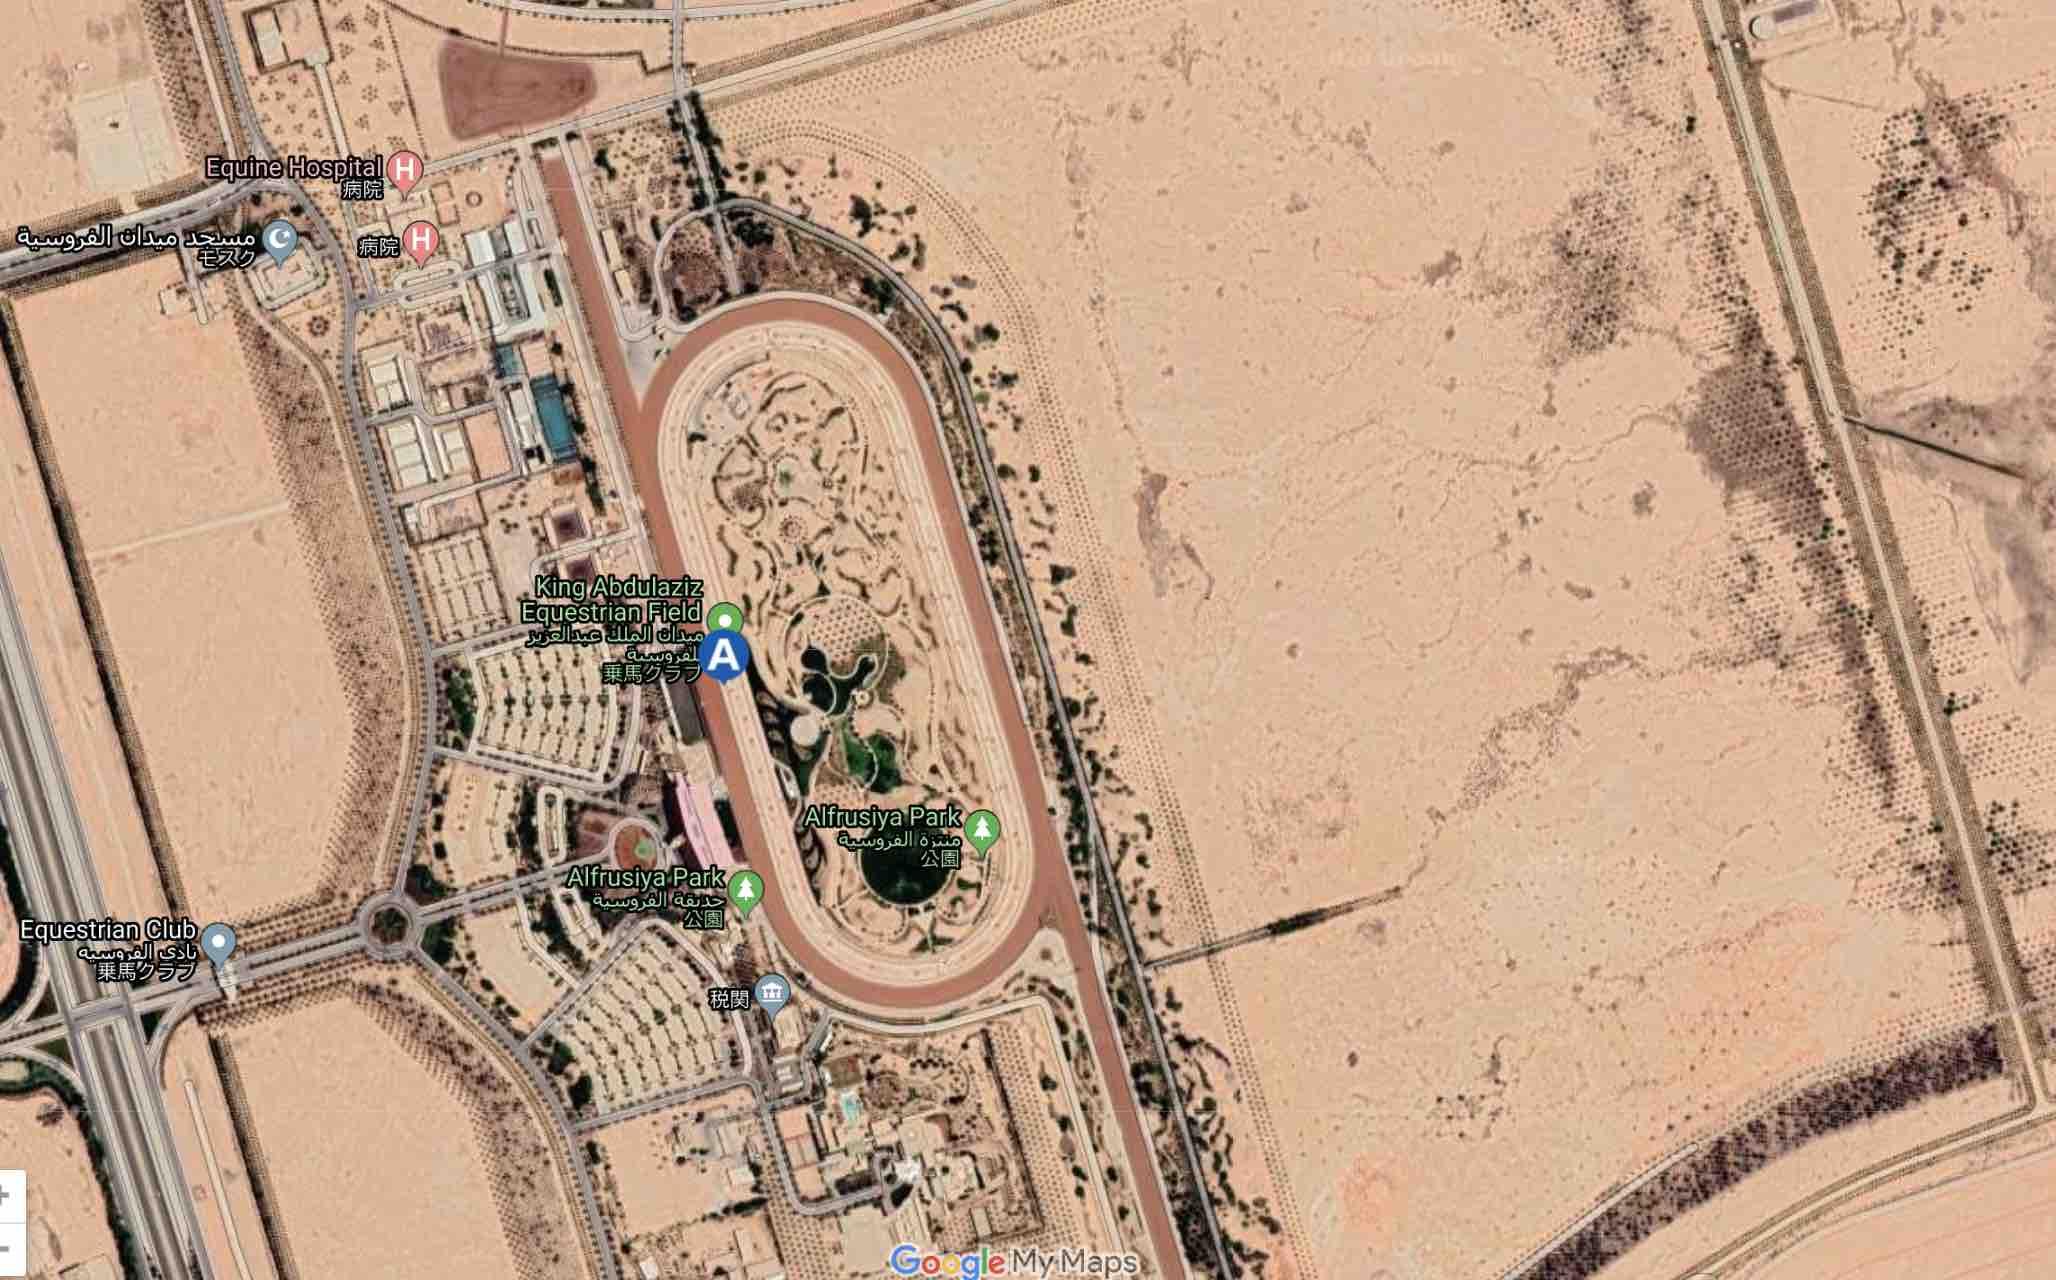 2020年2月29日サウジアラビアの首都リヤドで開催の競馬サウジCのキングアブドゥルアジーズ競馬場の場所